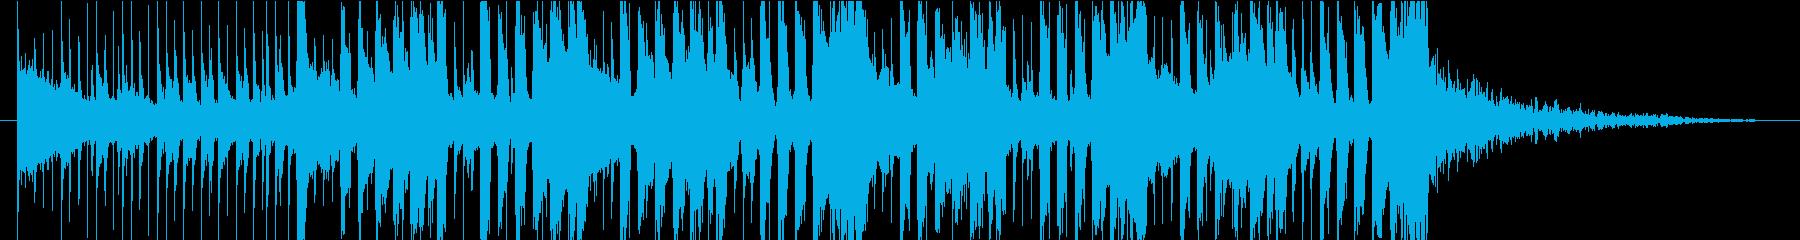 せわしないファンキーなブルースロック☆の再生済みの波形